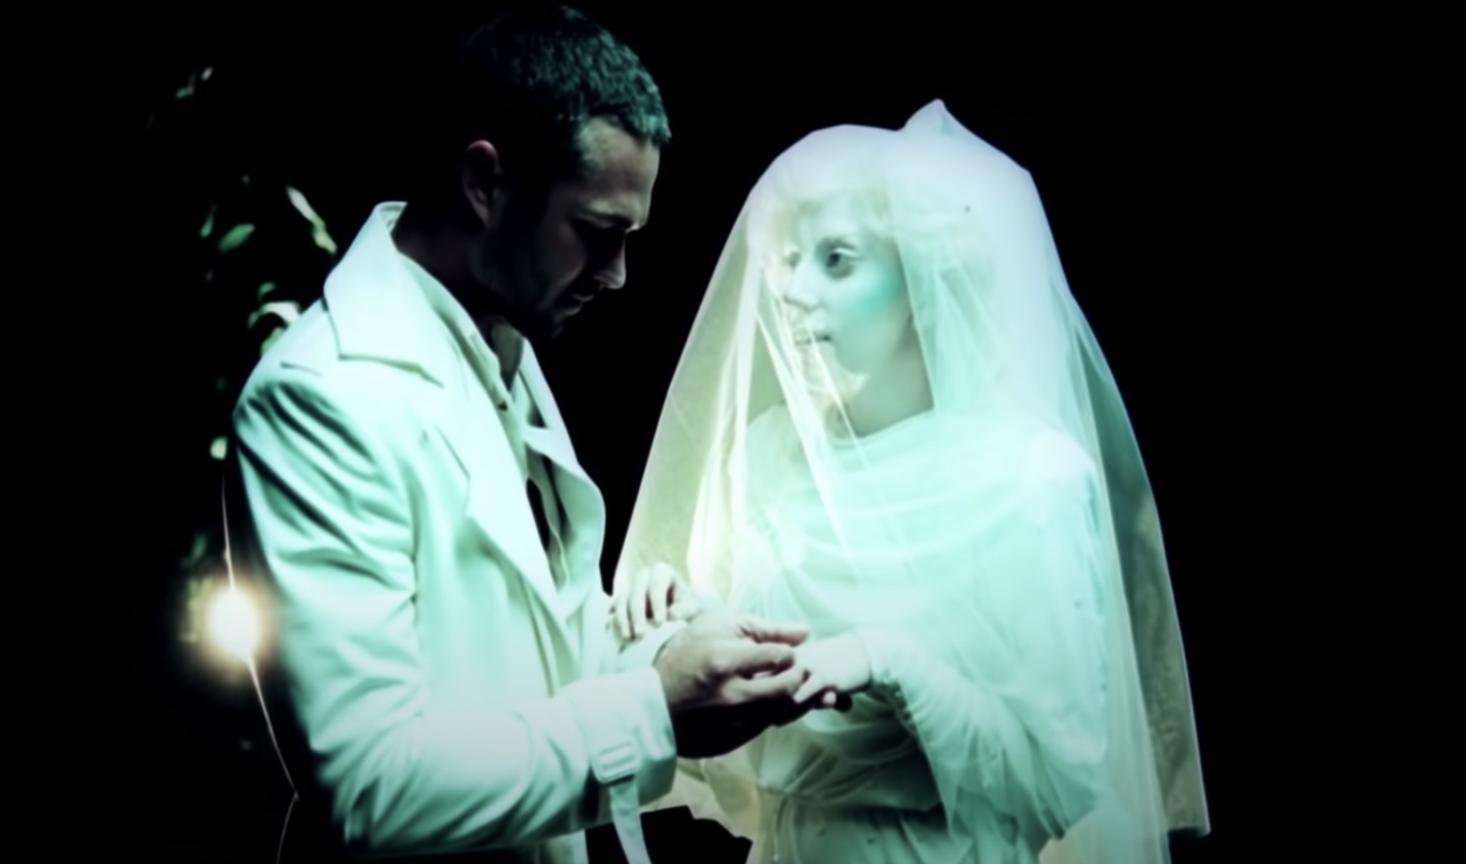 Lady Gaga marrying Taylor Kinney